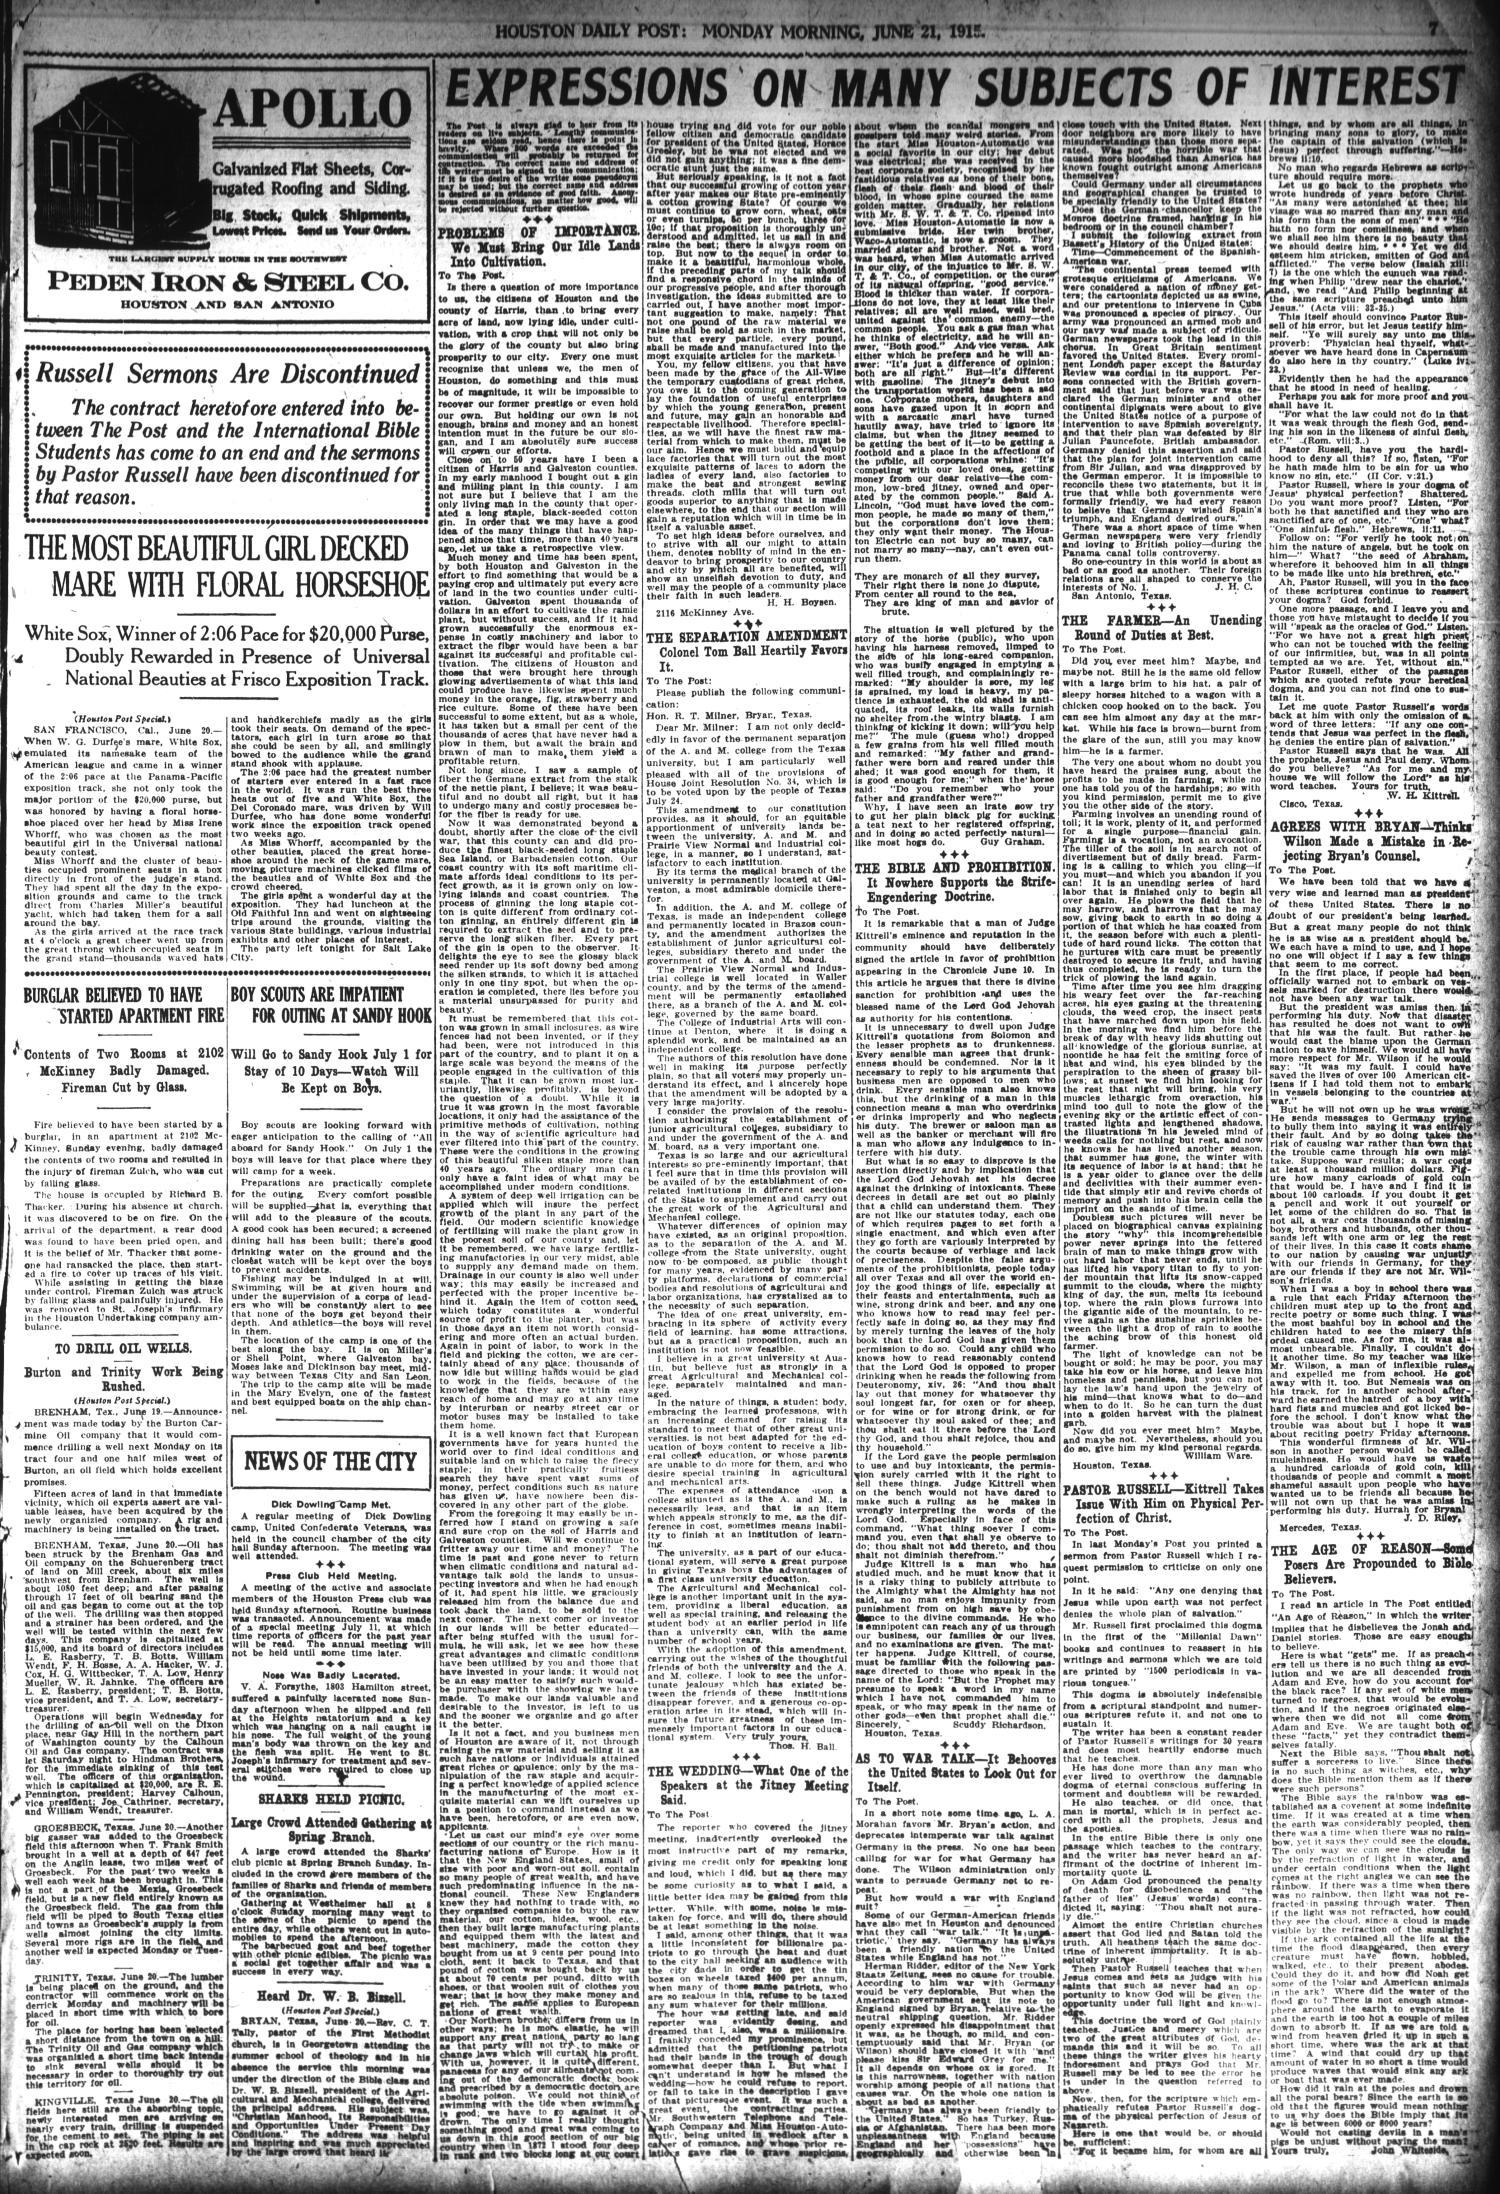 The Houston Post  (Houston, Tex ), Vol  30, No  79, Ed  1